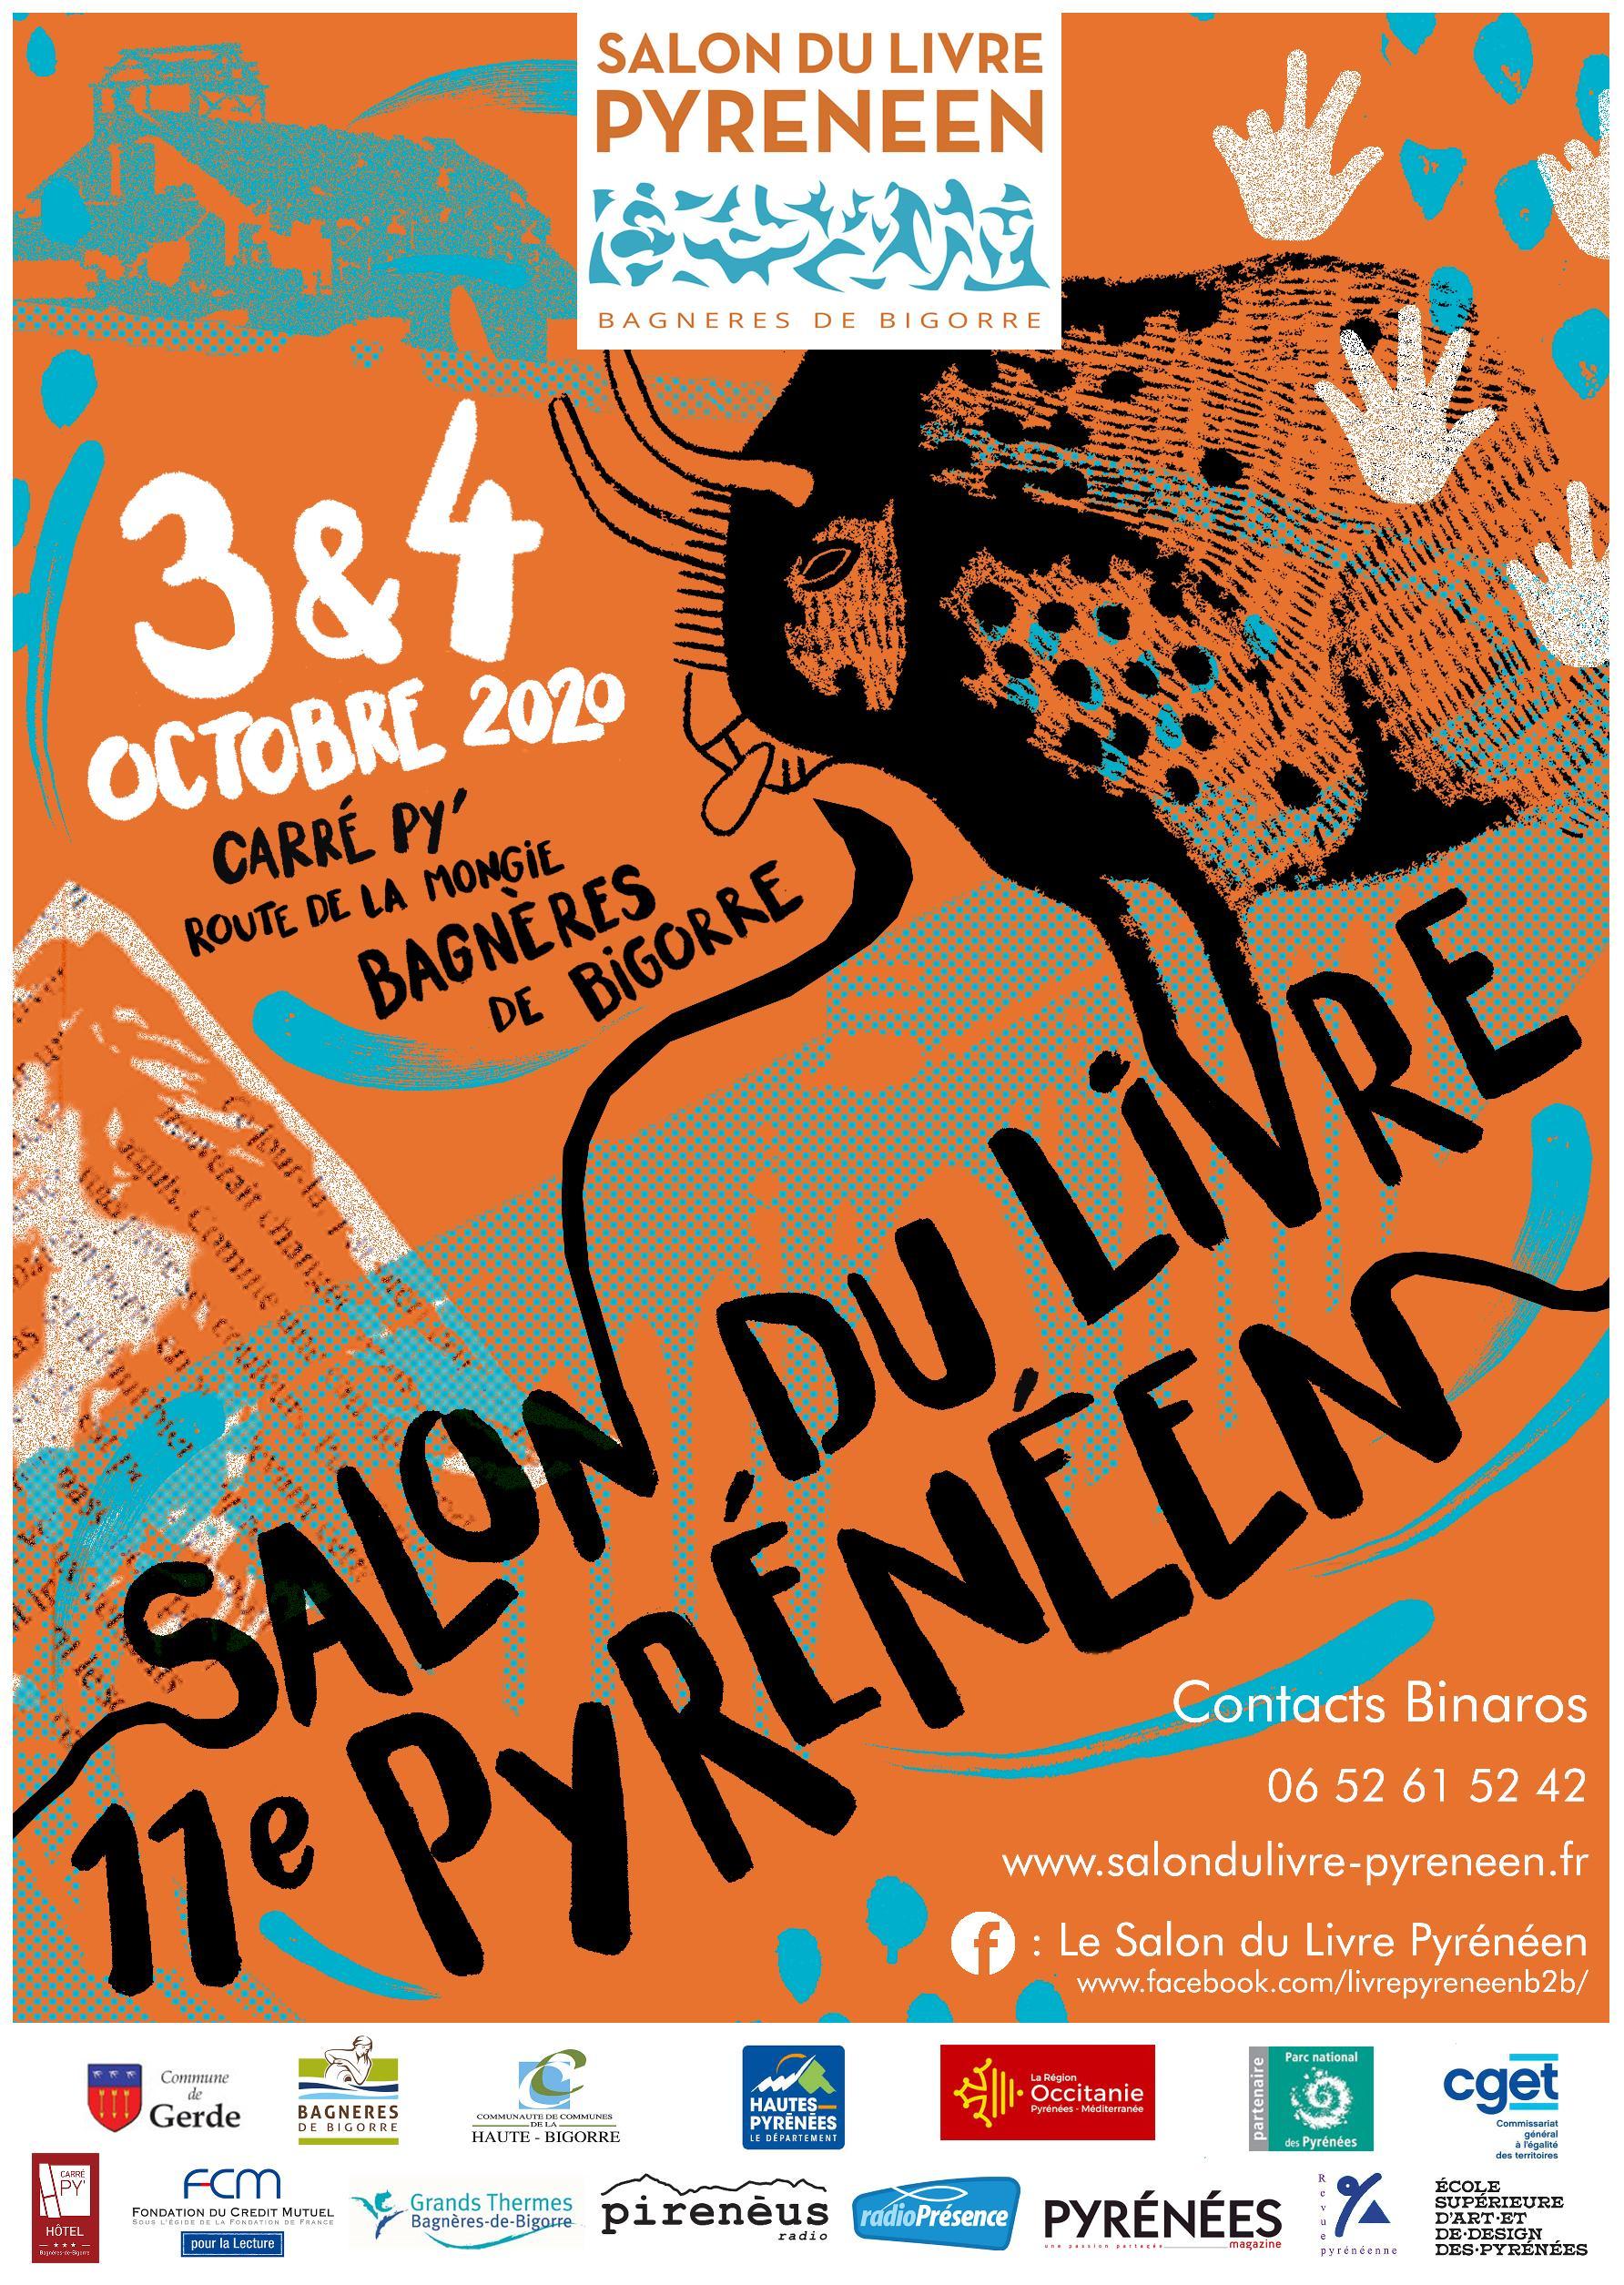 Bagnères-de-Bigorre : présentation de la nouvelle Affiche du 11ème Salon du Livre Pyrénéen du 3 et 4 octobre 2020